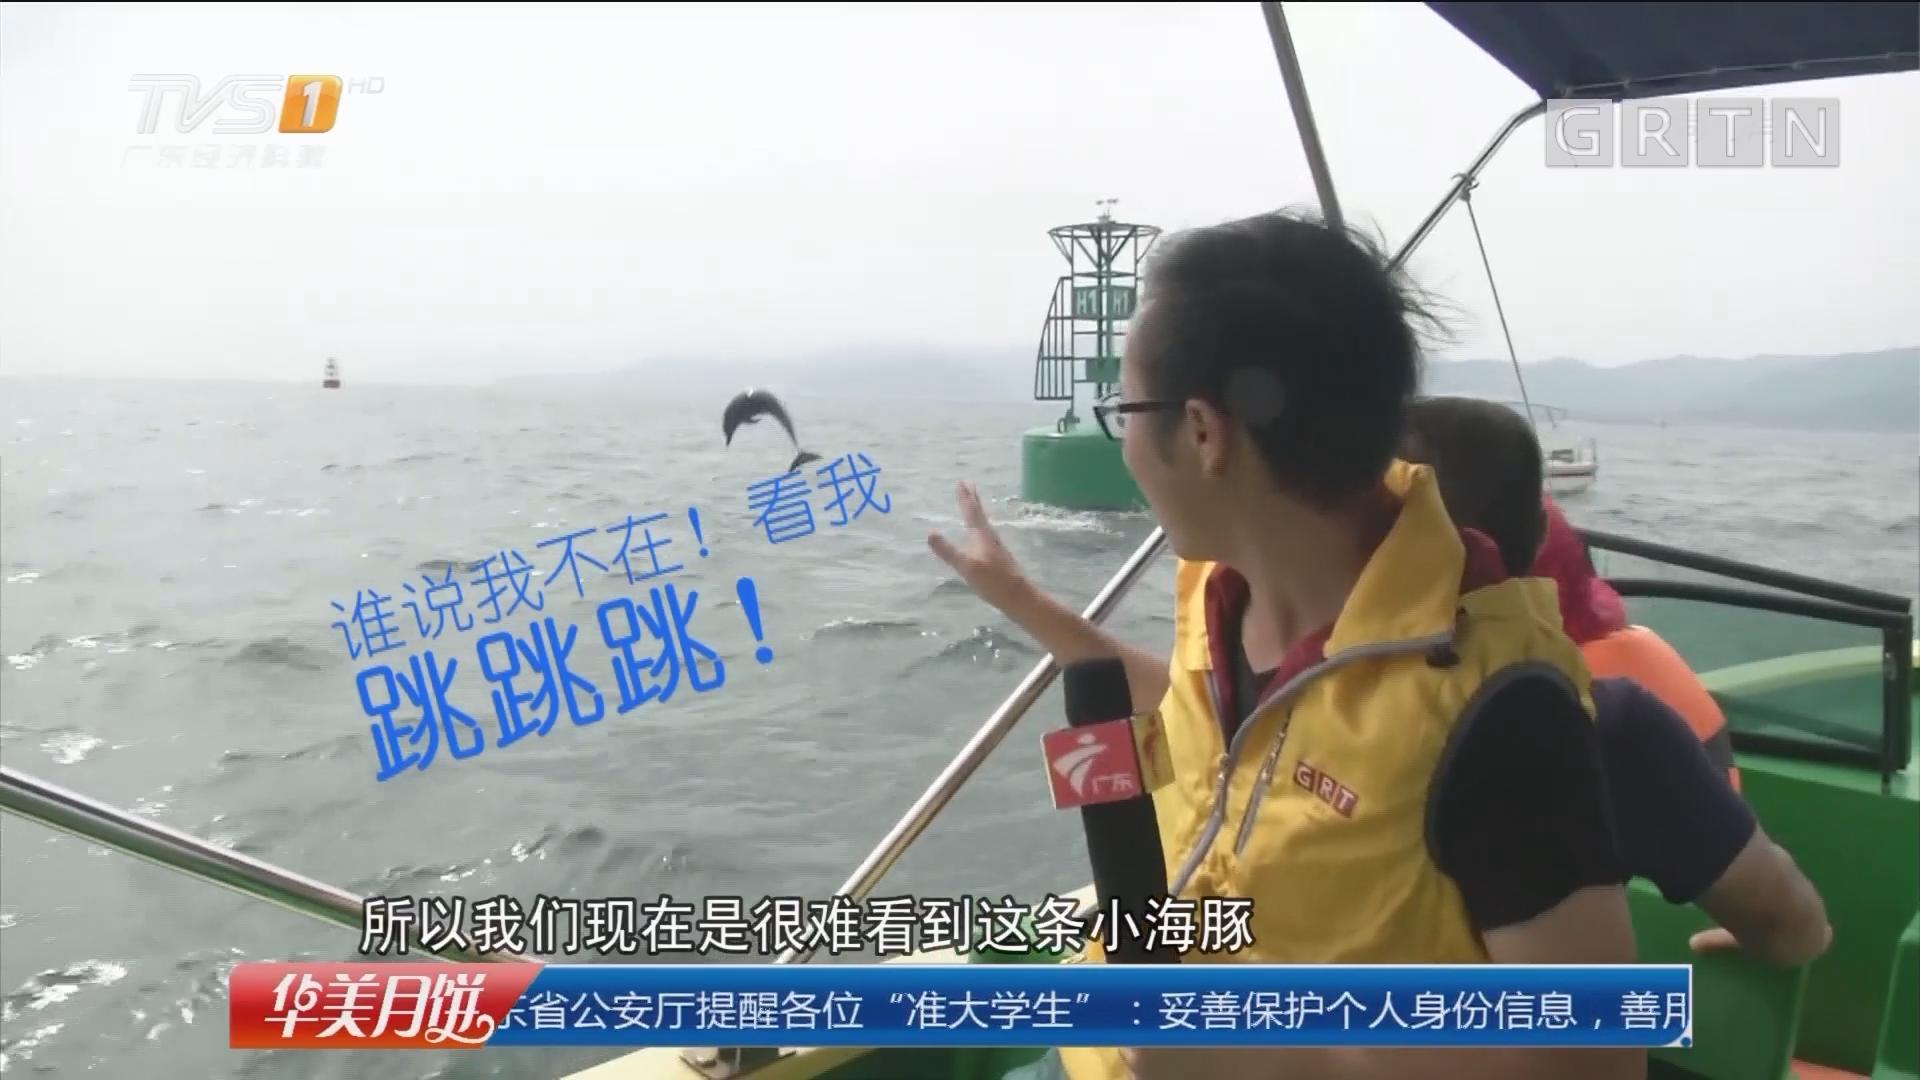 深圳大鹏新区:记者出海探访迷途小海豚 惊喜相逢